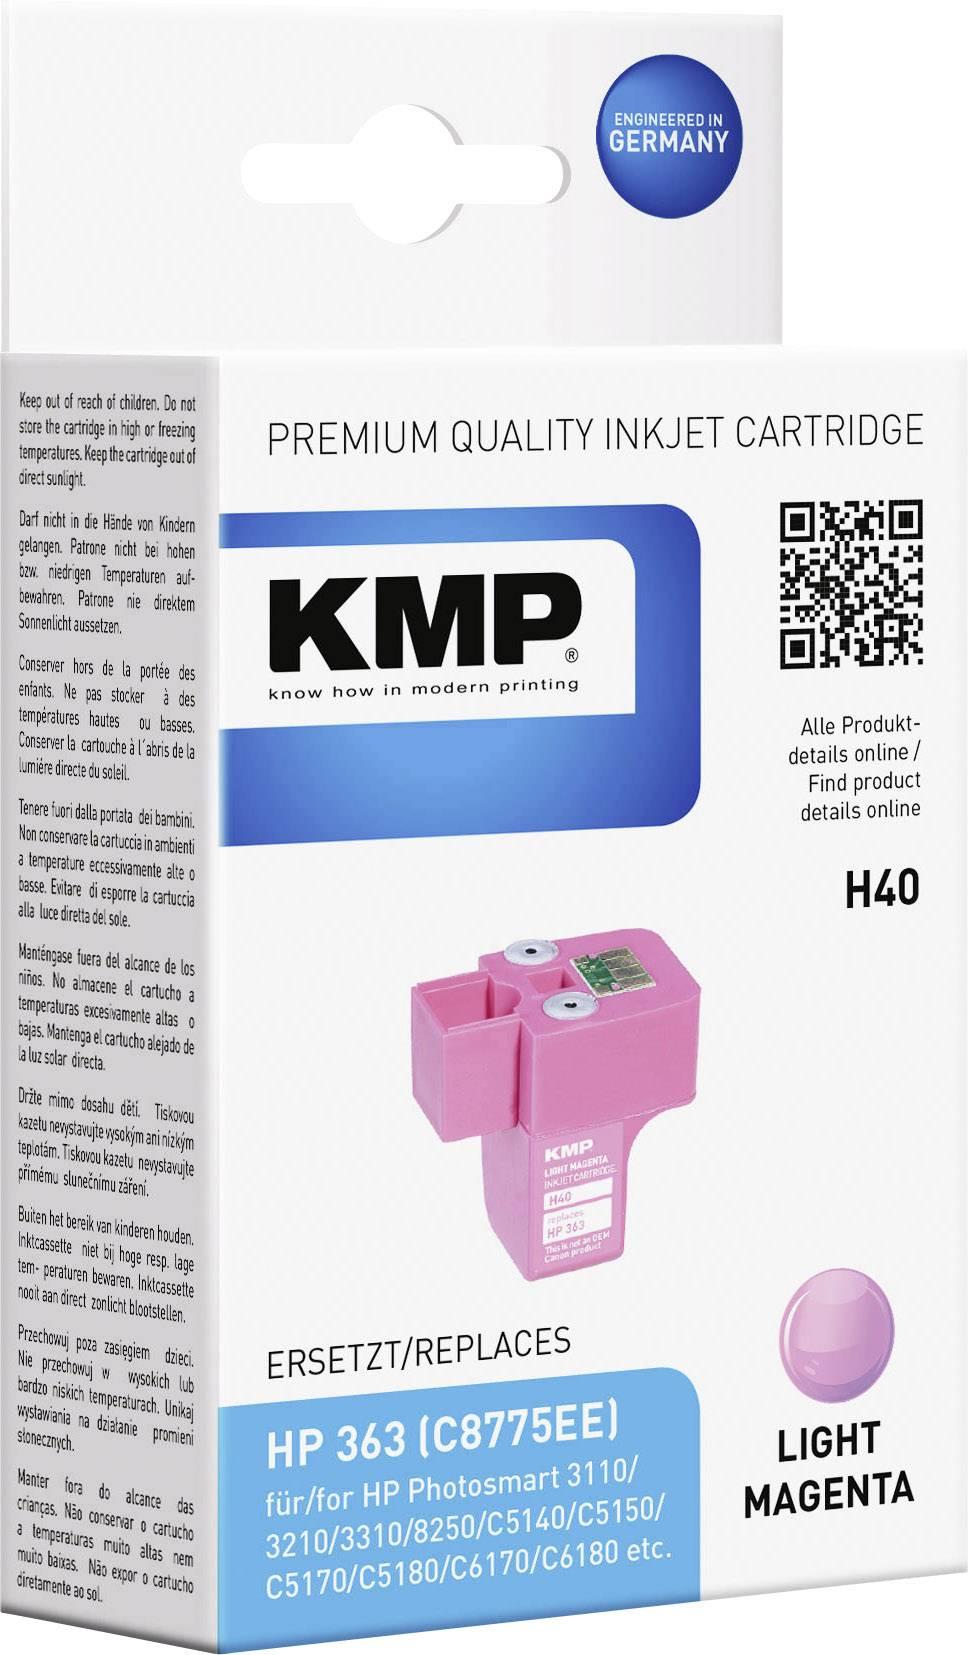 Kompatibilná náplň do tlačiarne KMP H40 1700,0046, foto purpurová